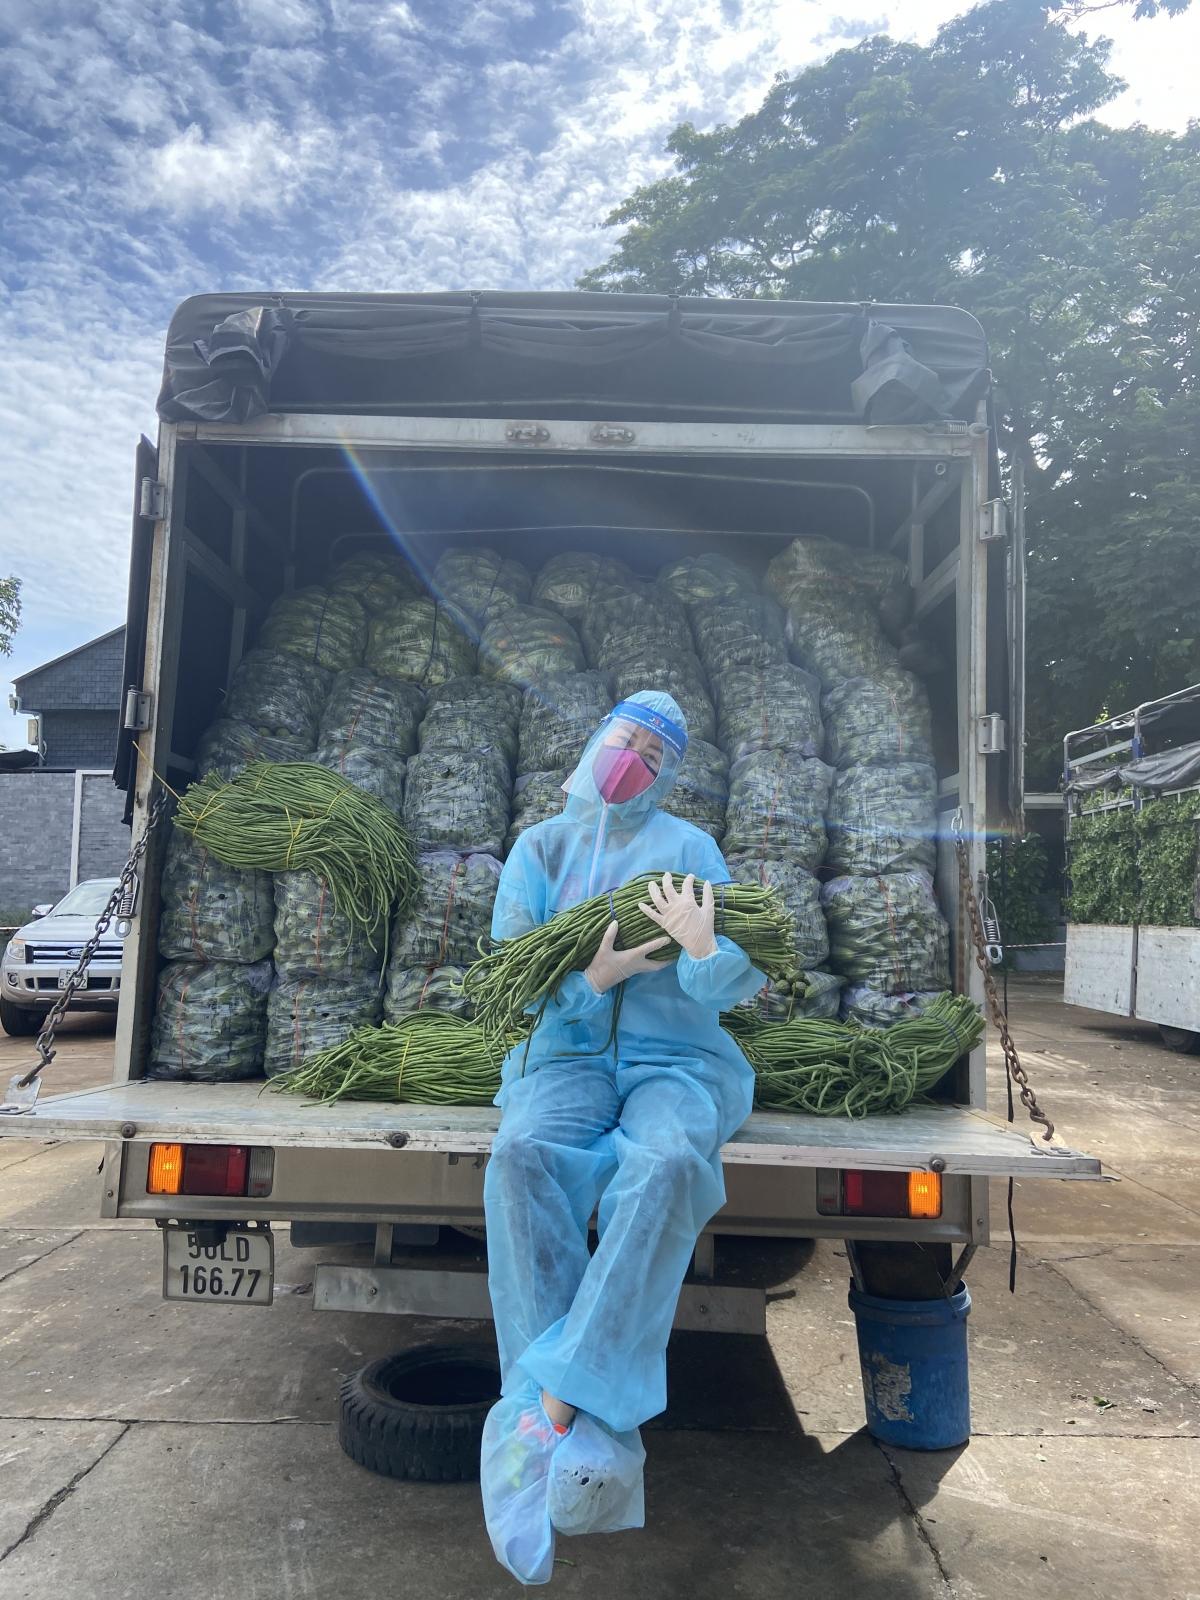 """Dự án """"10 tấn thực phẩm 0 đồng"""" bắt đầu với mục tiêu vận động và mua thực phẩm để trao tặng bà con, người lao động đang gặp nhiều khó khăn, không có thực phẩm dự trữ trong những ngày giãn cách trên địa bàn TP. HCM."""